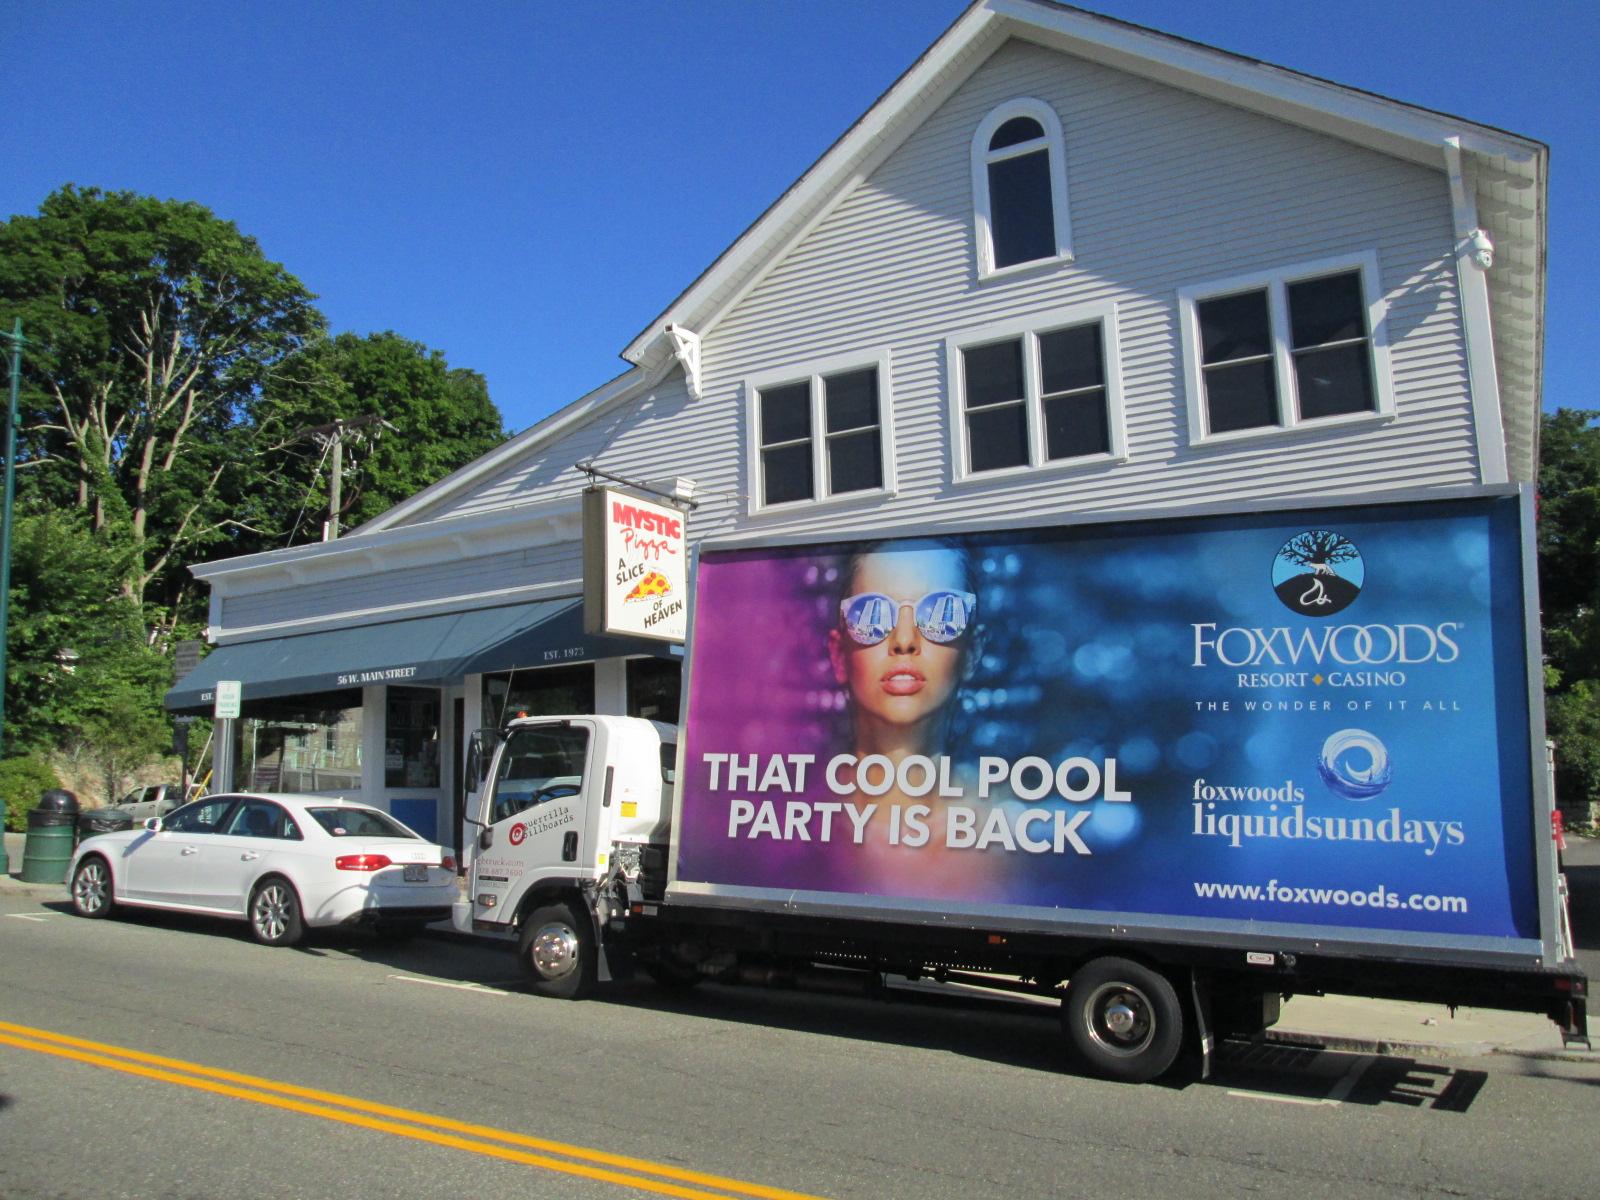 Mobile billboard truck in Mystic CT